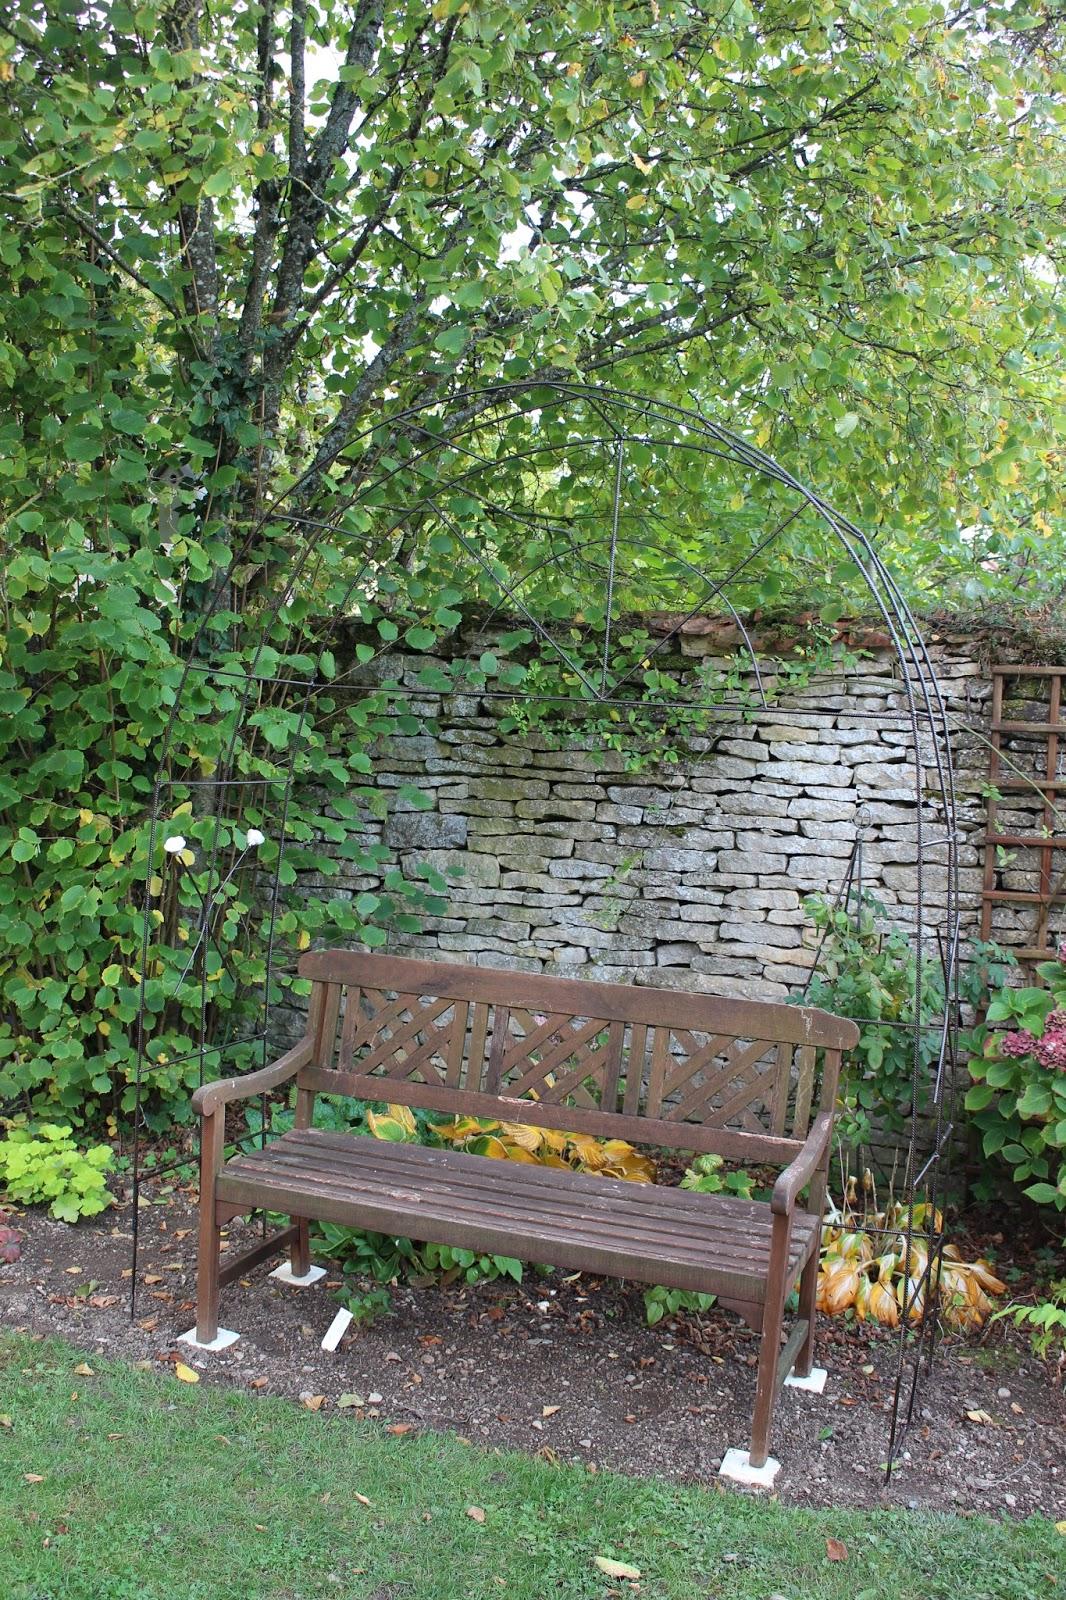 Notre jardin secret une arche en fer b ton for Ferronnerie jardin decoration